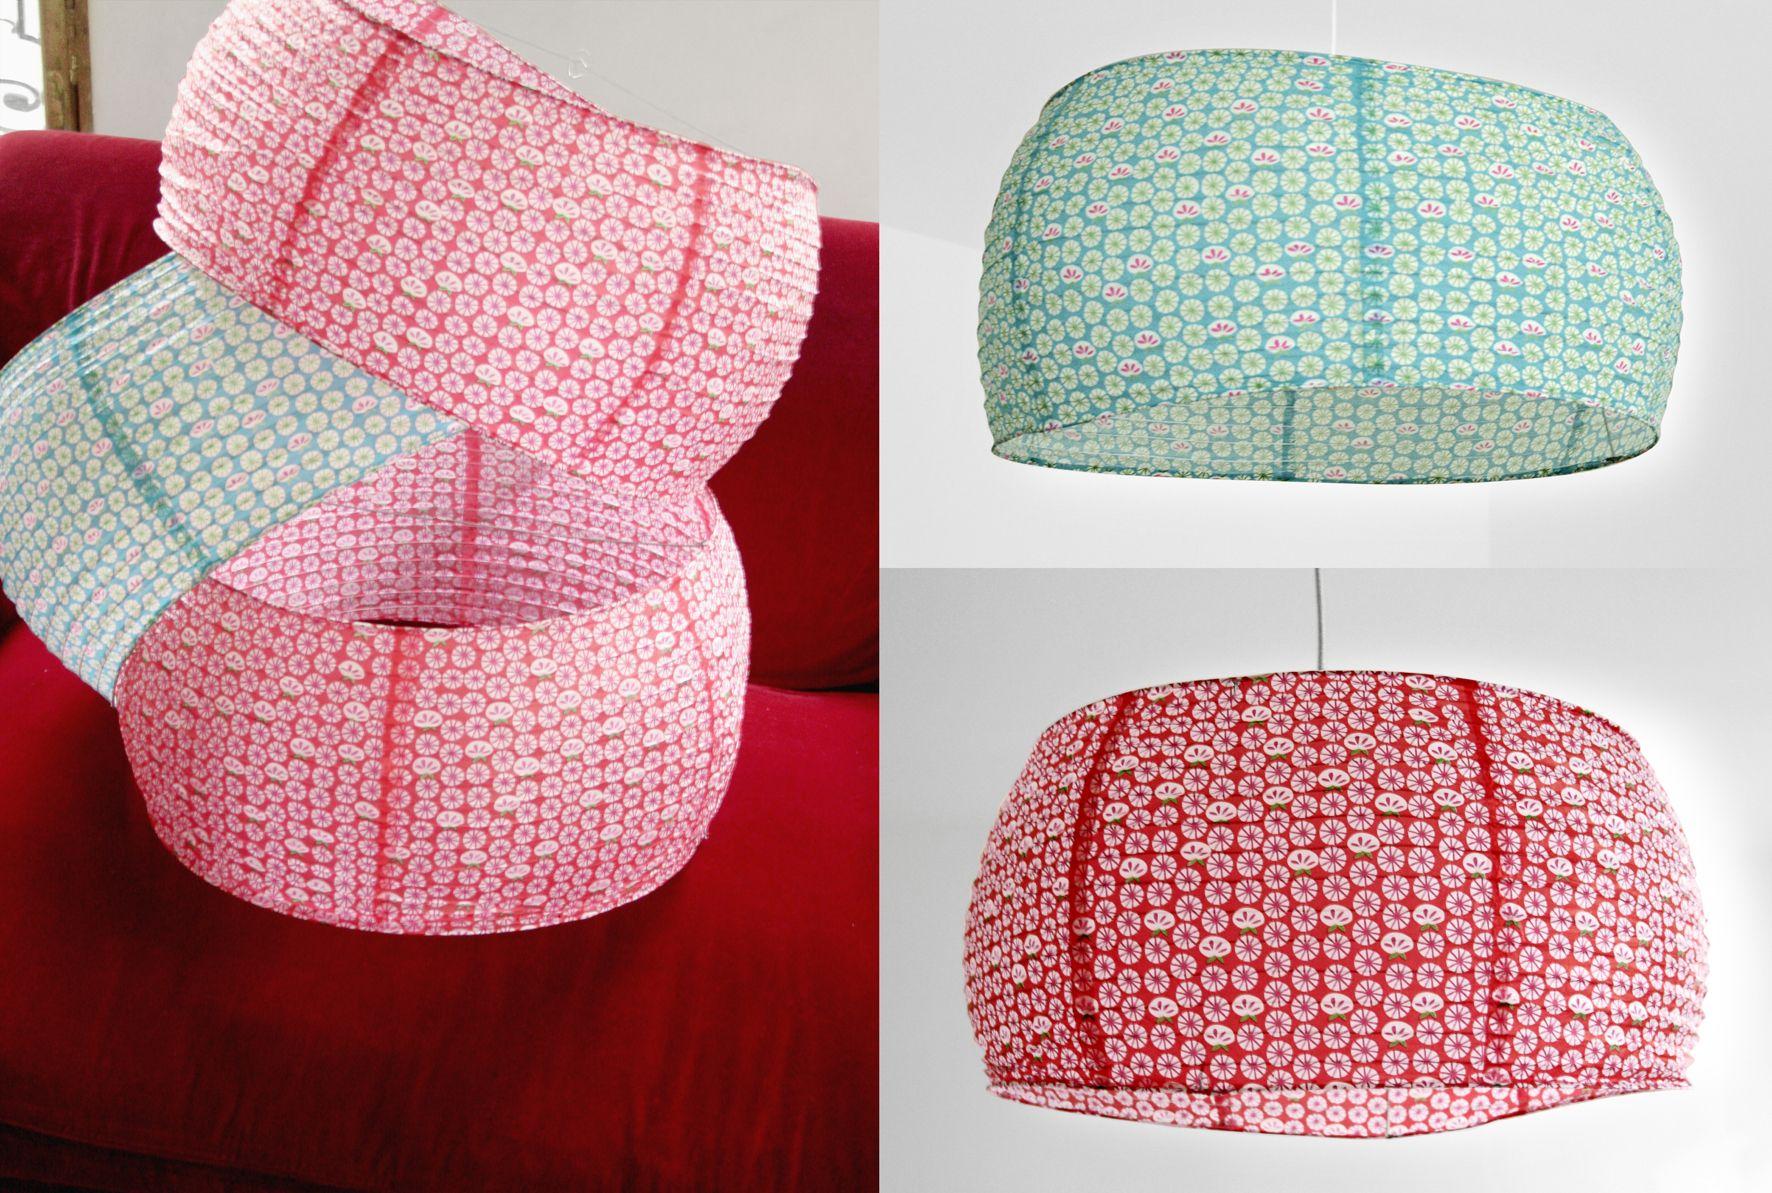 deco boule japonaise b b pinterest. Black Bedroom Furniture Sets. Home Design Ideas